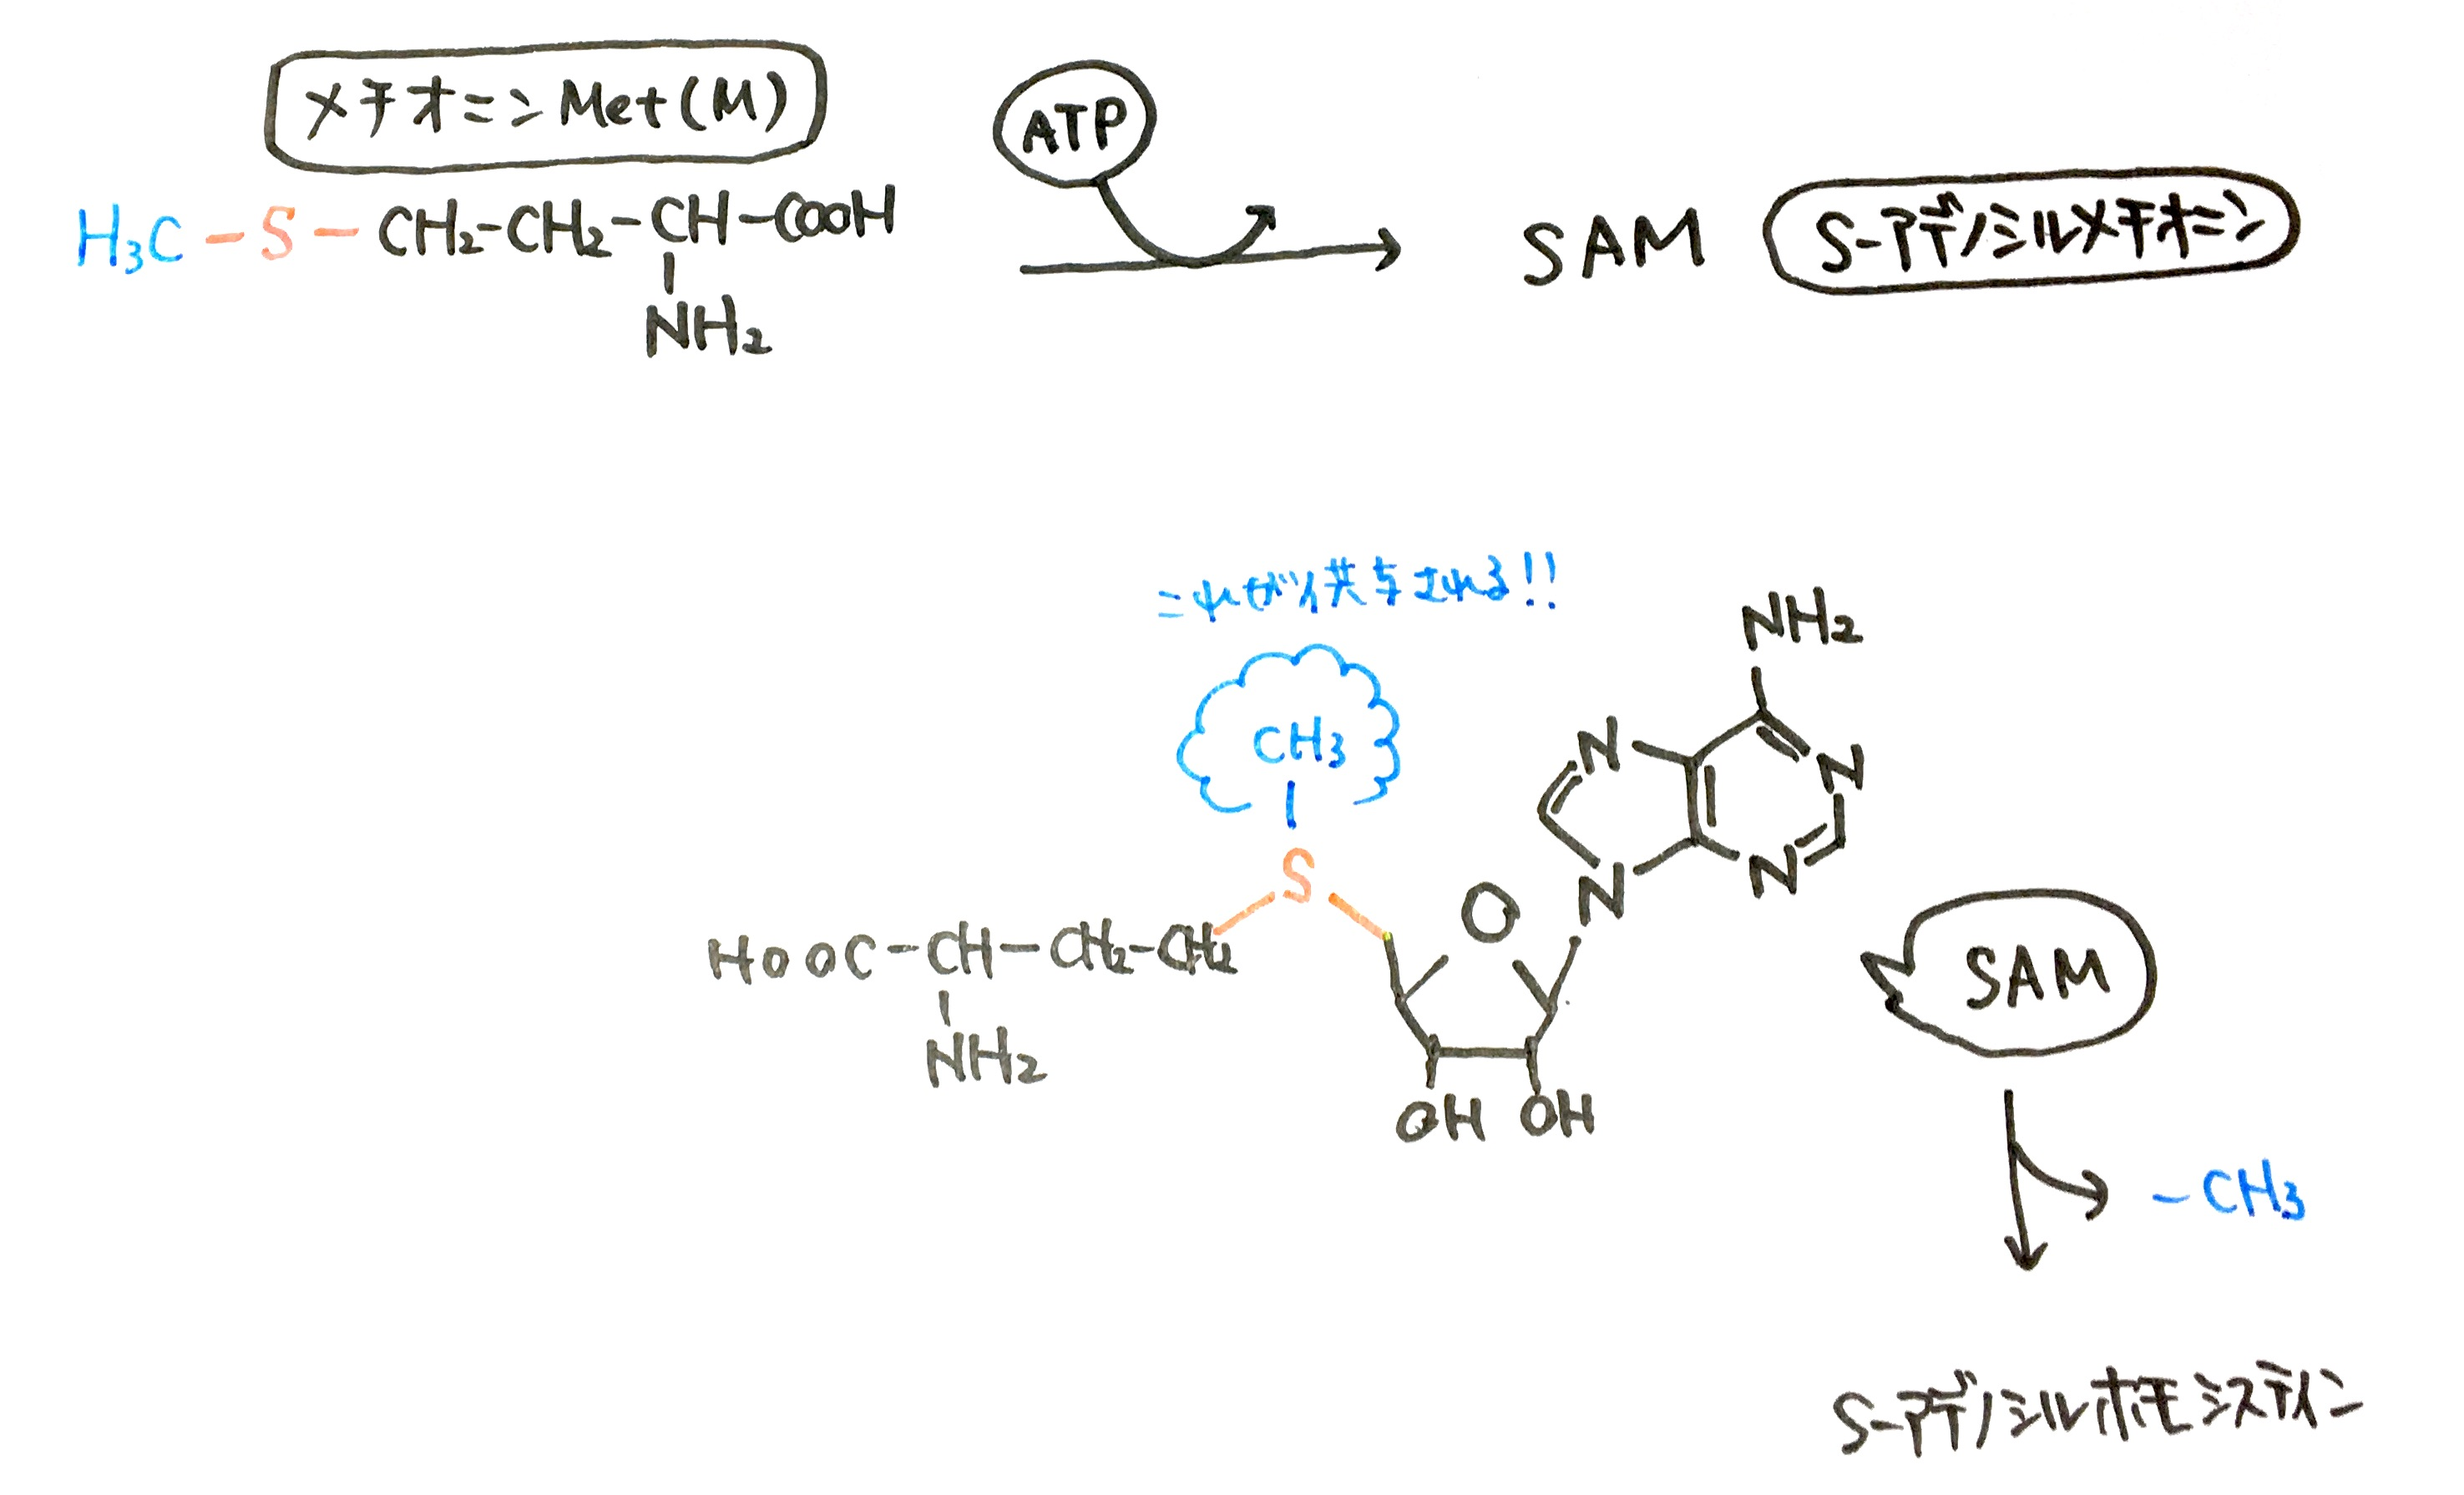 アミノ酸代謝について